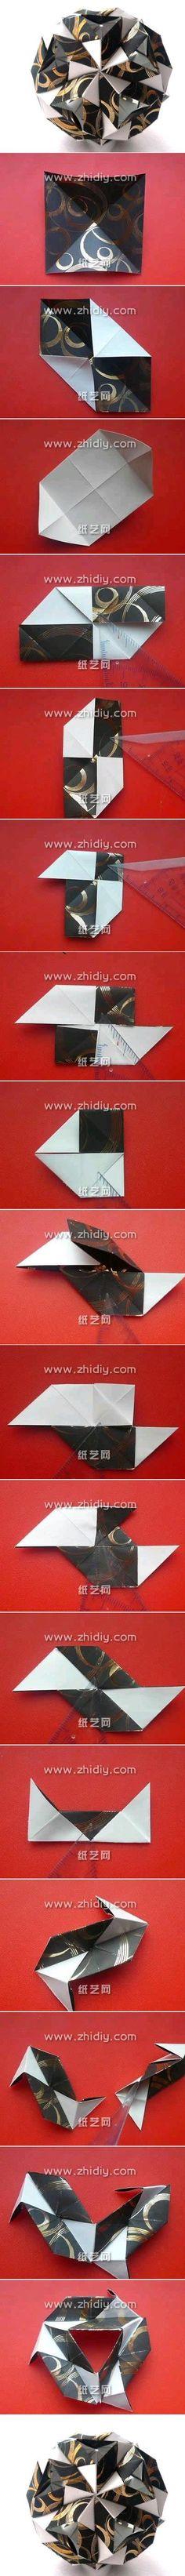 Kusudama Origami Lantern